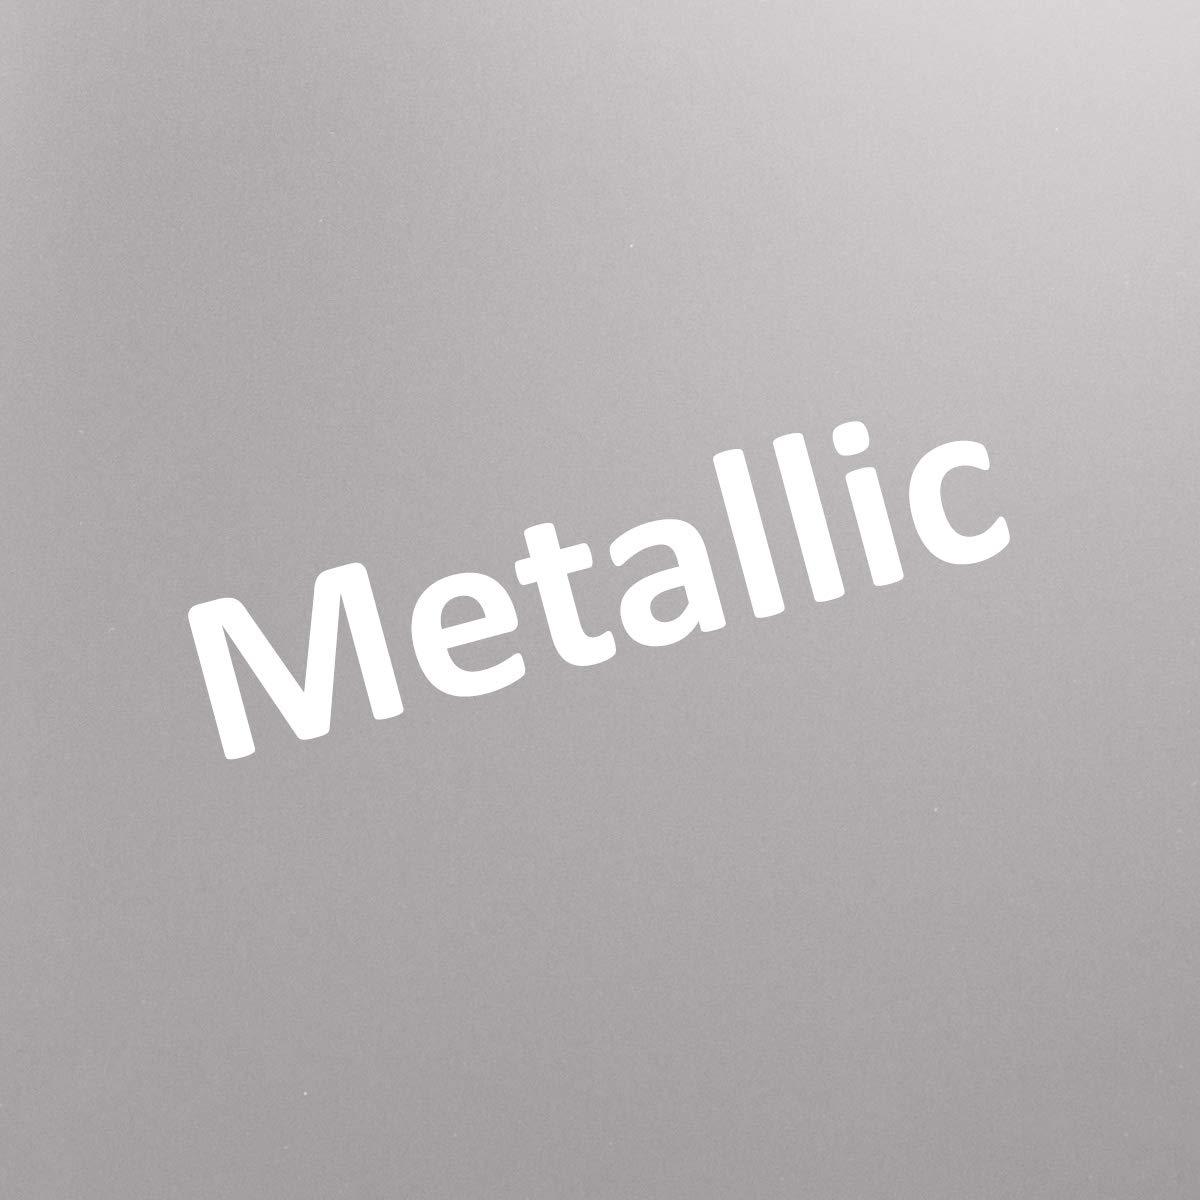 Quadratische Falt-Karten 15 x x x 15 cm   Gold Metallic   100 Stück   formstabil   für Drucker geeignet   für Grußkarten, Einladungen & mehr   Qualitätsmarke  FarbenFroh® von Gustav NEUSER® B07PWY216S | Elegantes und robustes da0979